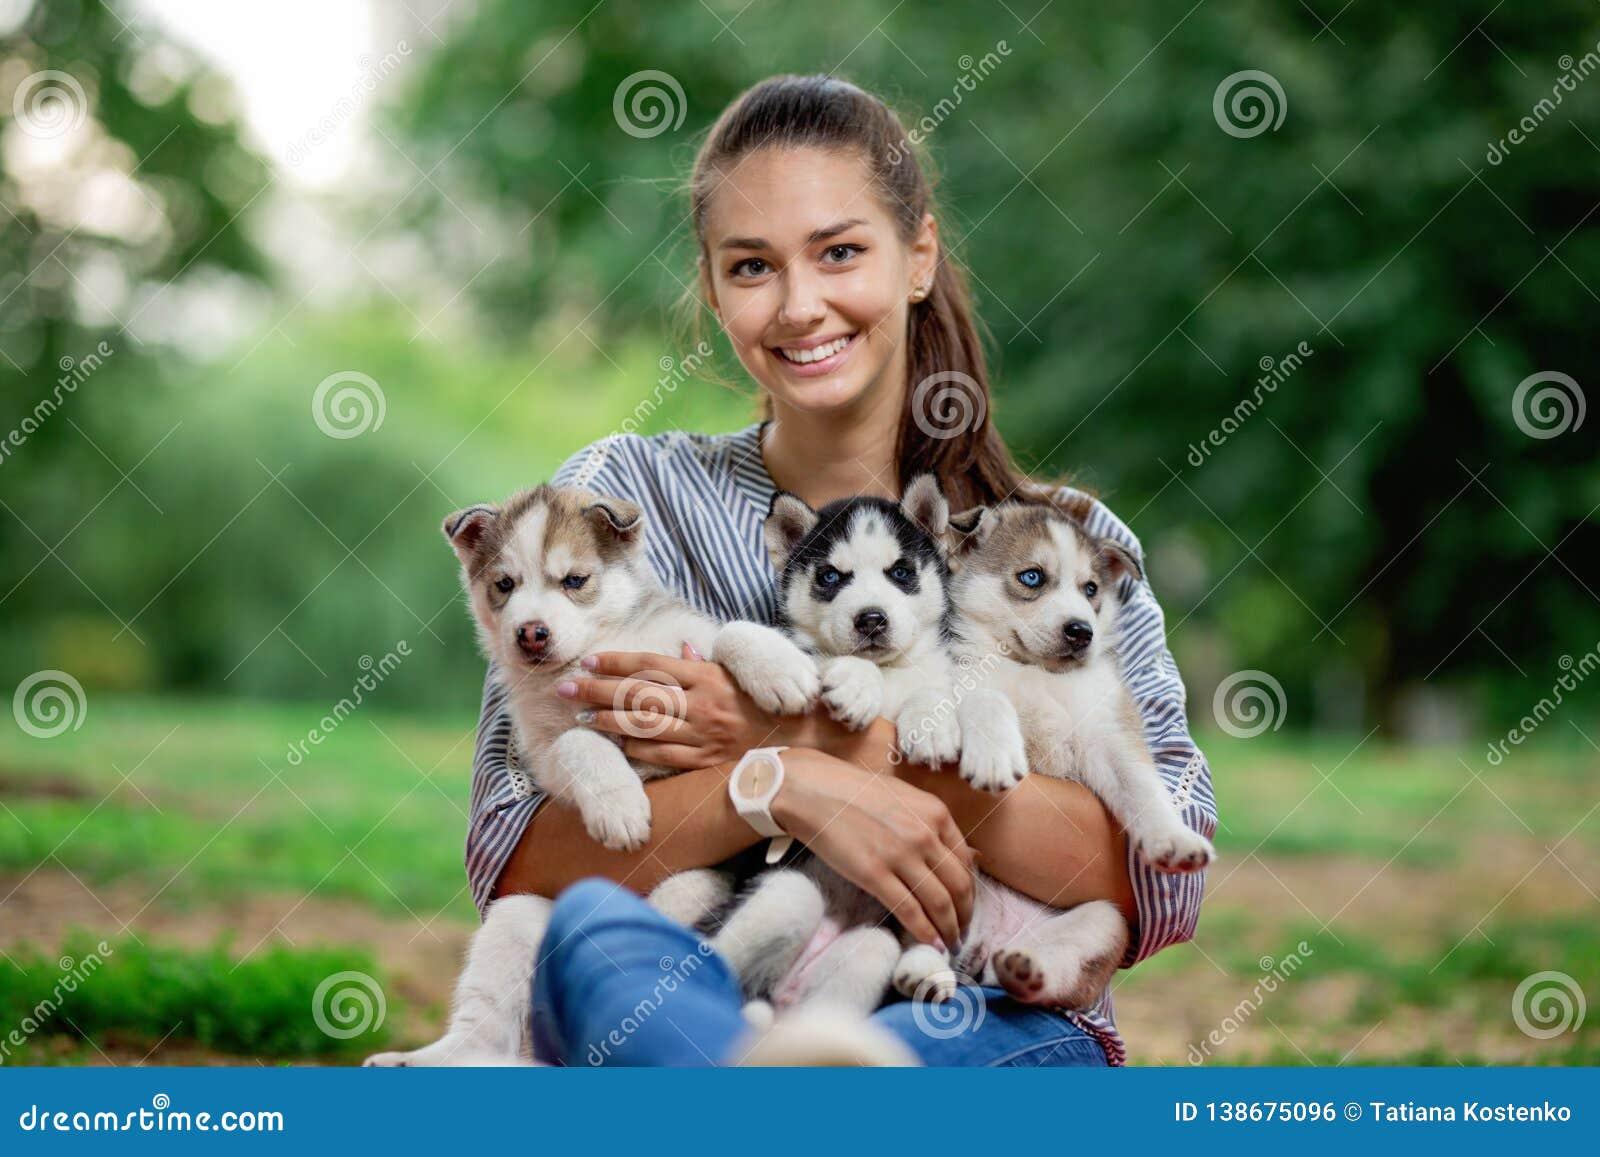 Piękna uśmiechnięta kobieta z ponytail i być ubranym pasiastą koszula trzyma trzy słodkiego łuskowatego szczeniaka na gazonie